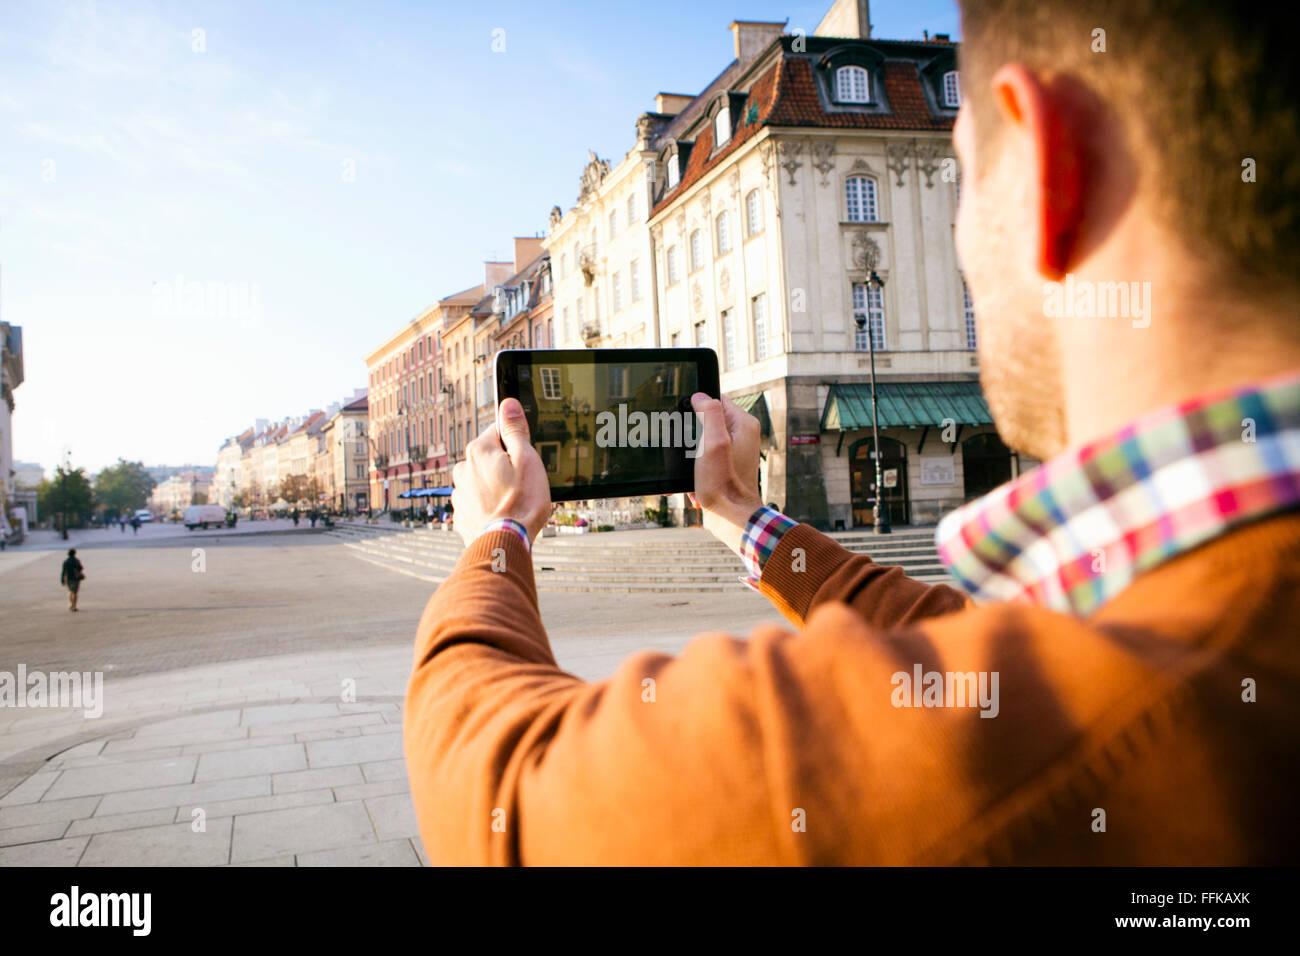 Mann auf einer Städtereise eine Aufnahme mit Smartphone Stockfoto